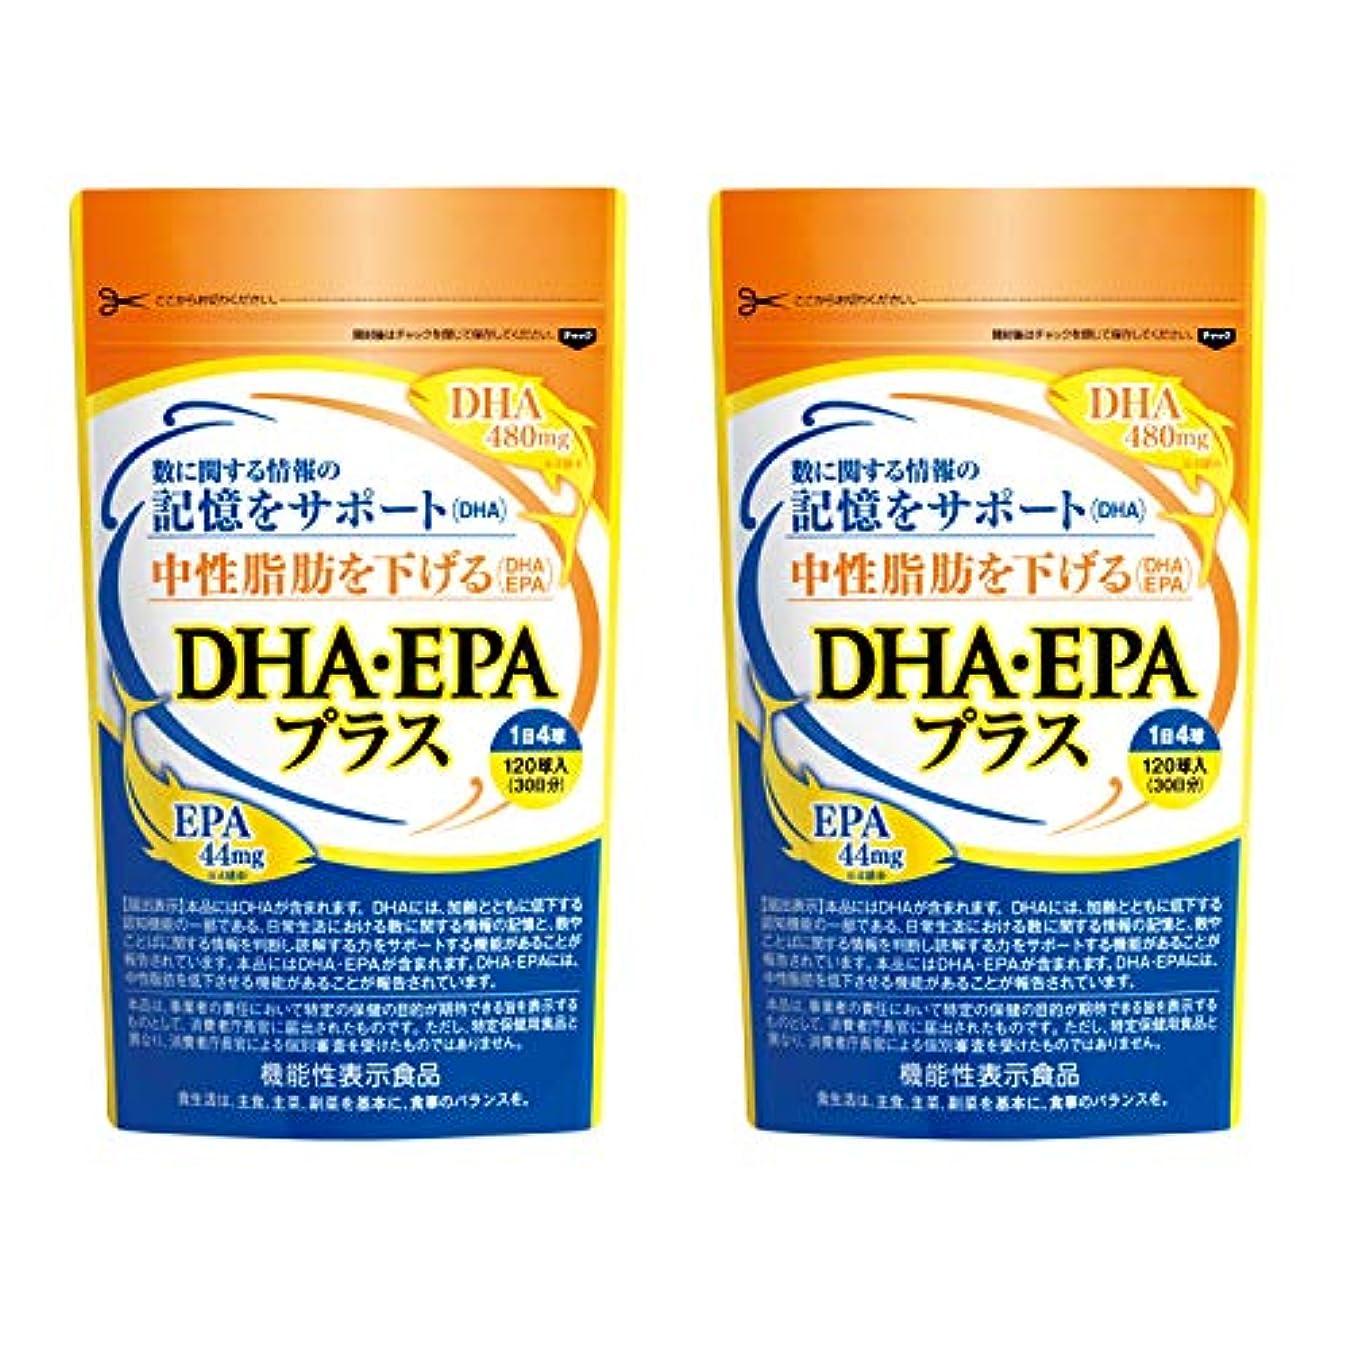 仮装霧ダム【機能性表示食品】DHA?EPAプラス 2パックセット